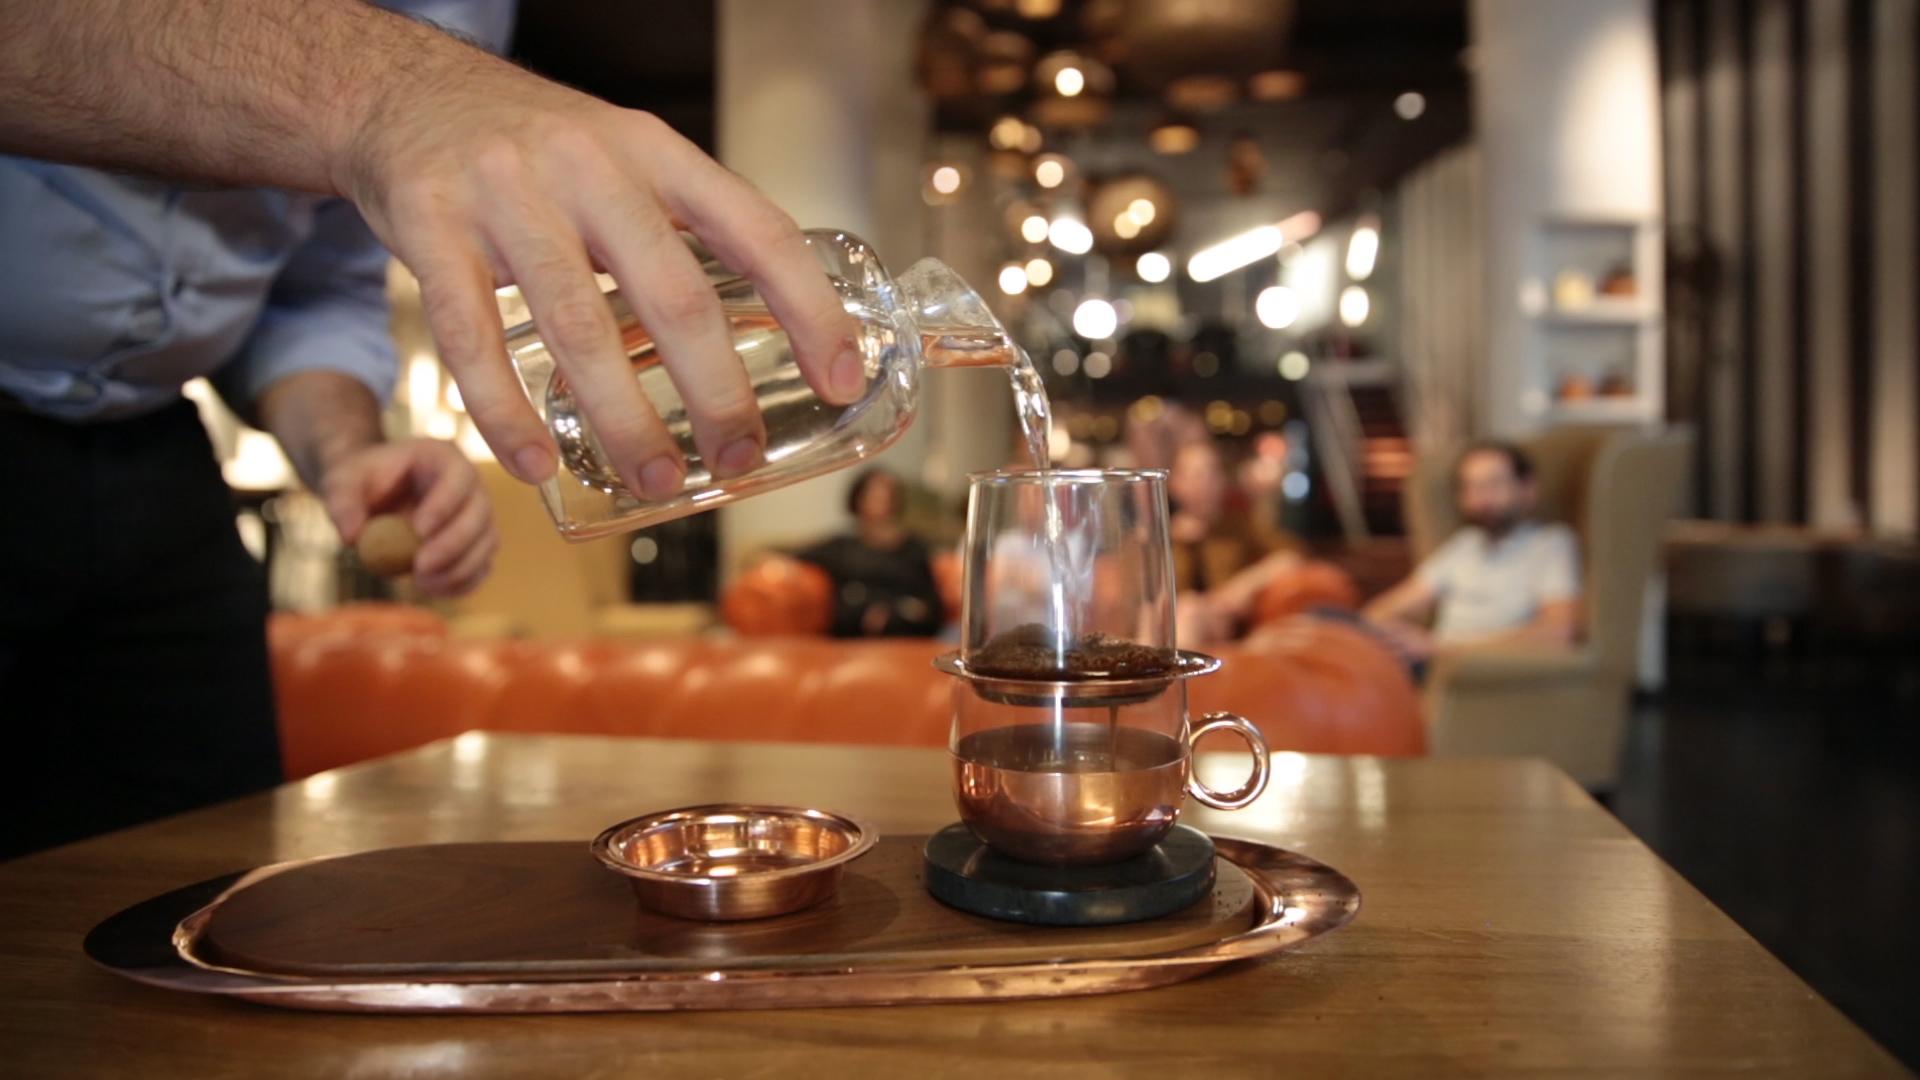 Koffie montage.00_00_04_18.Still001.jpg